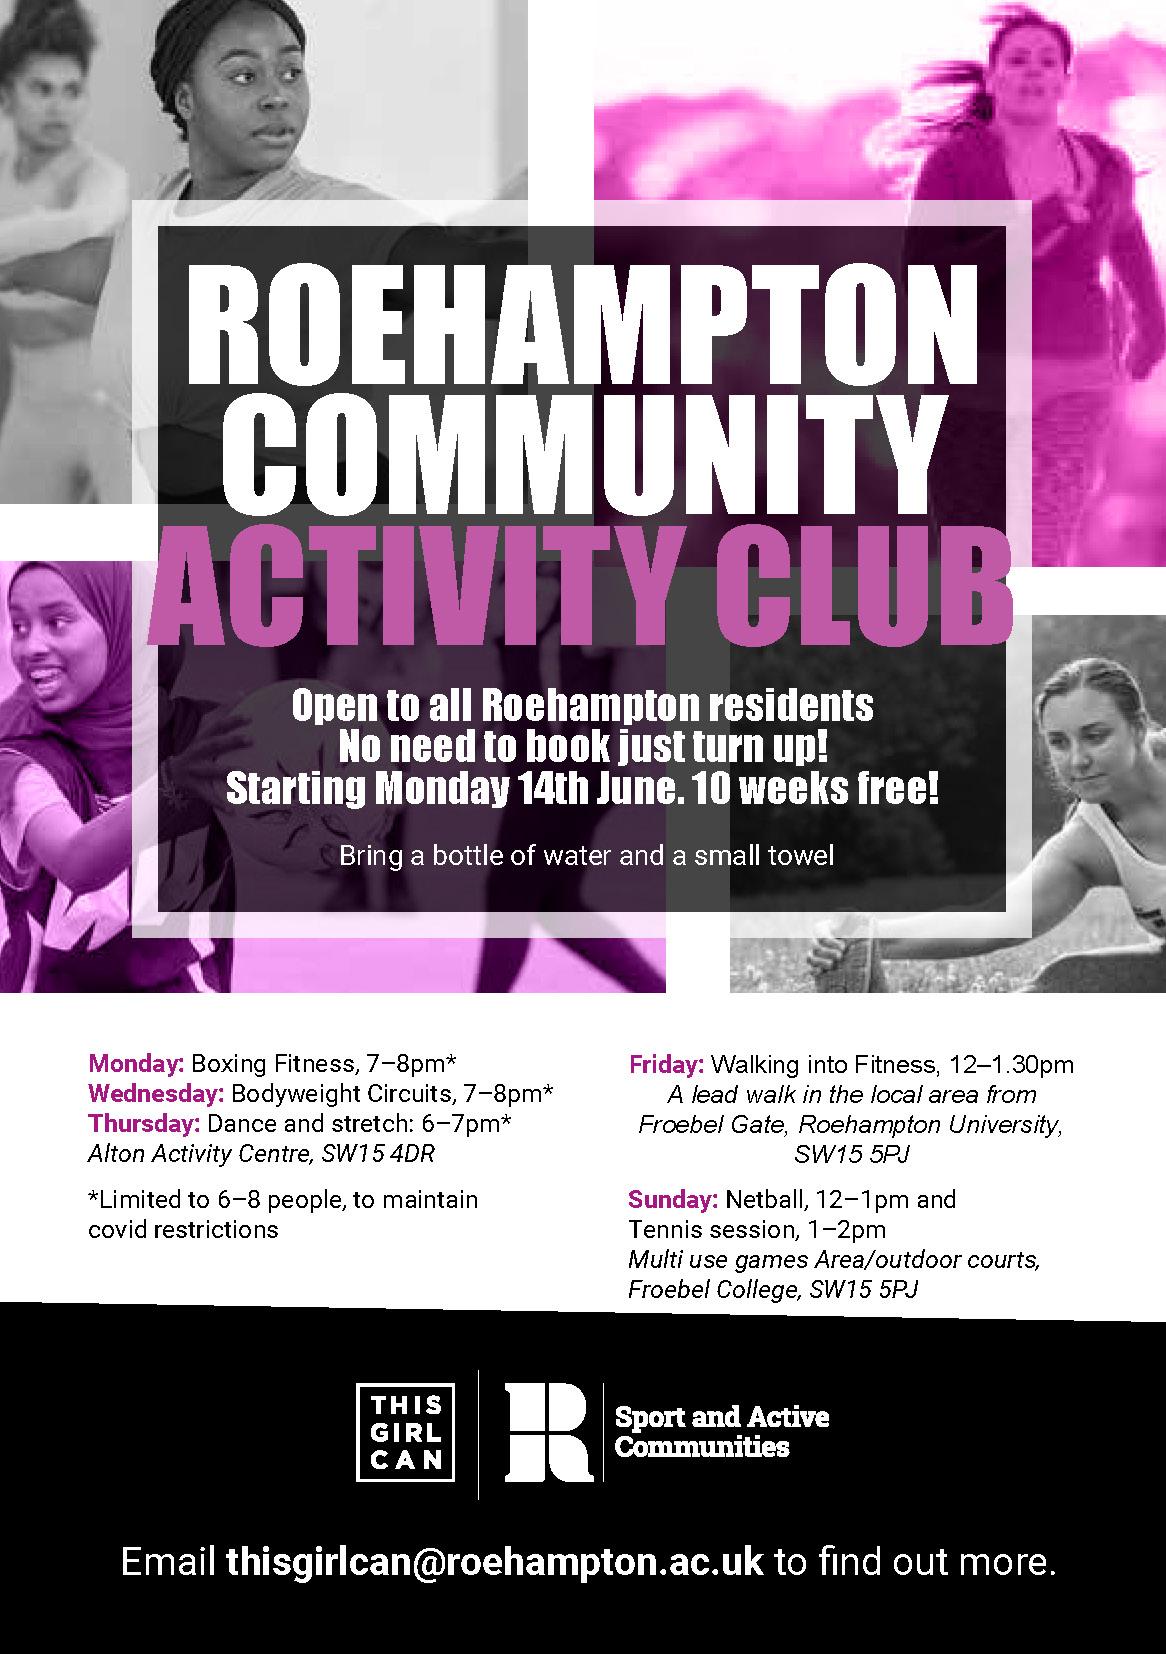 ROEHAMPTON COMMUNITY ACTIVITY CLUB